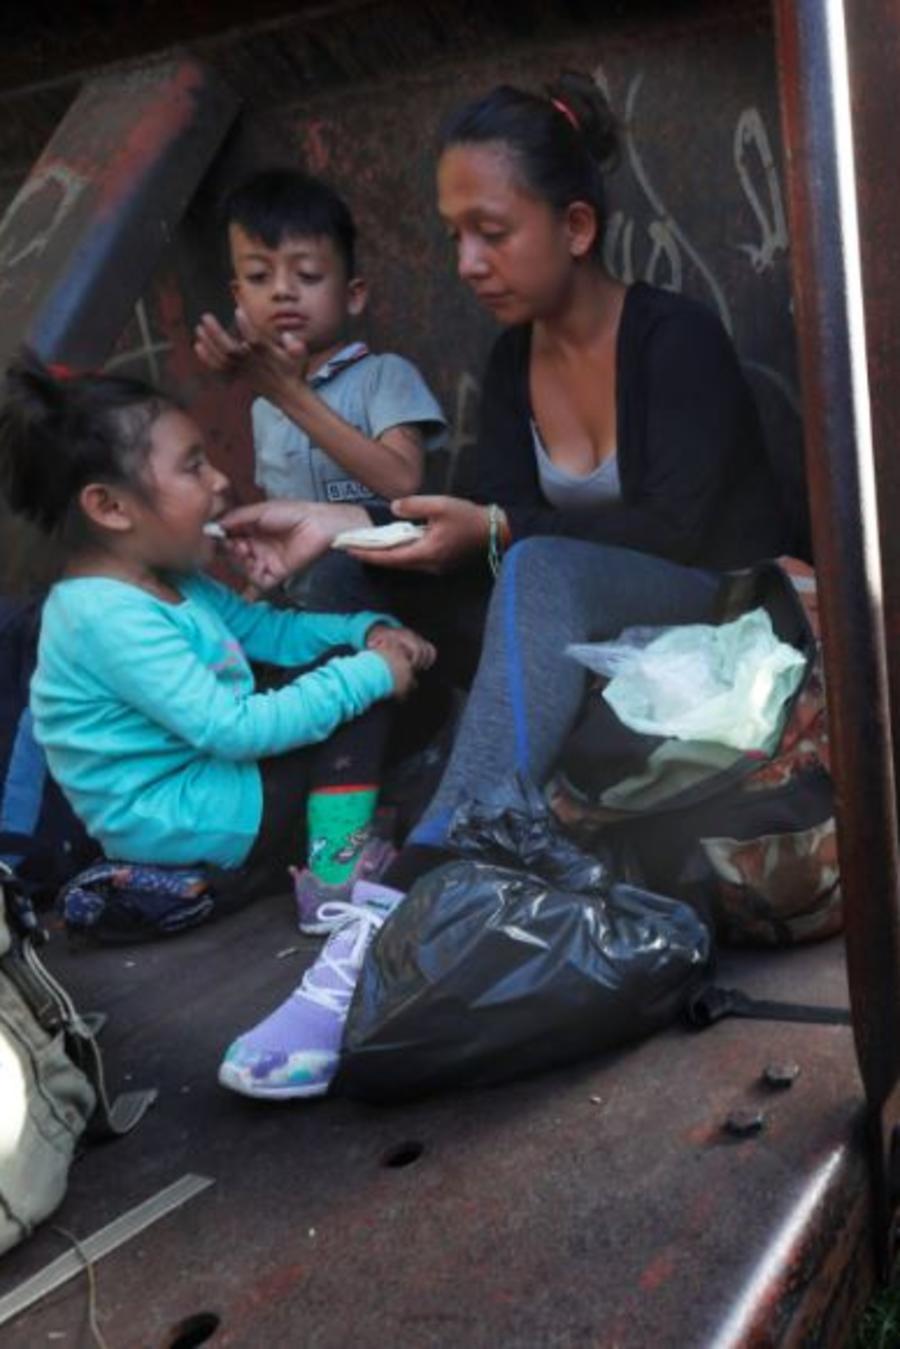 Una madre migrante y sus hijos viajan en un tren de carga hacia el norte, en Palenque, estado de Chiapas, México, el lunes 24 de junio de 2019.